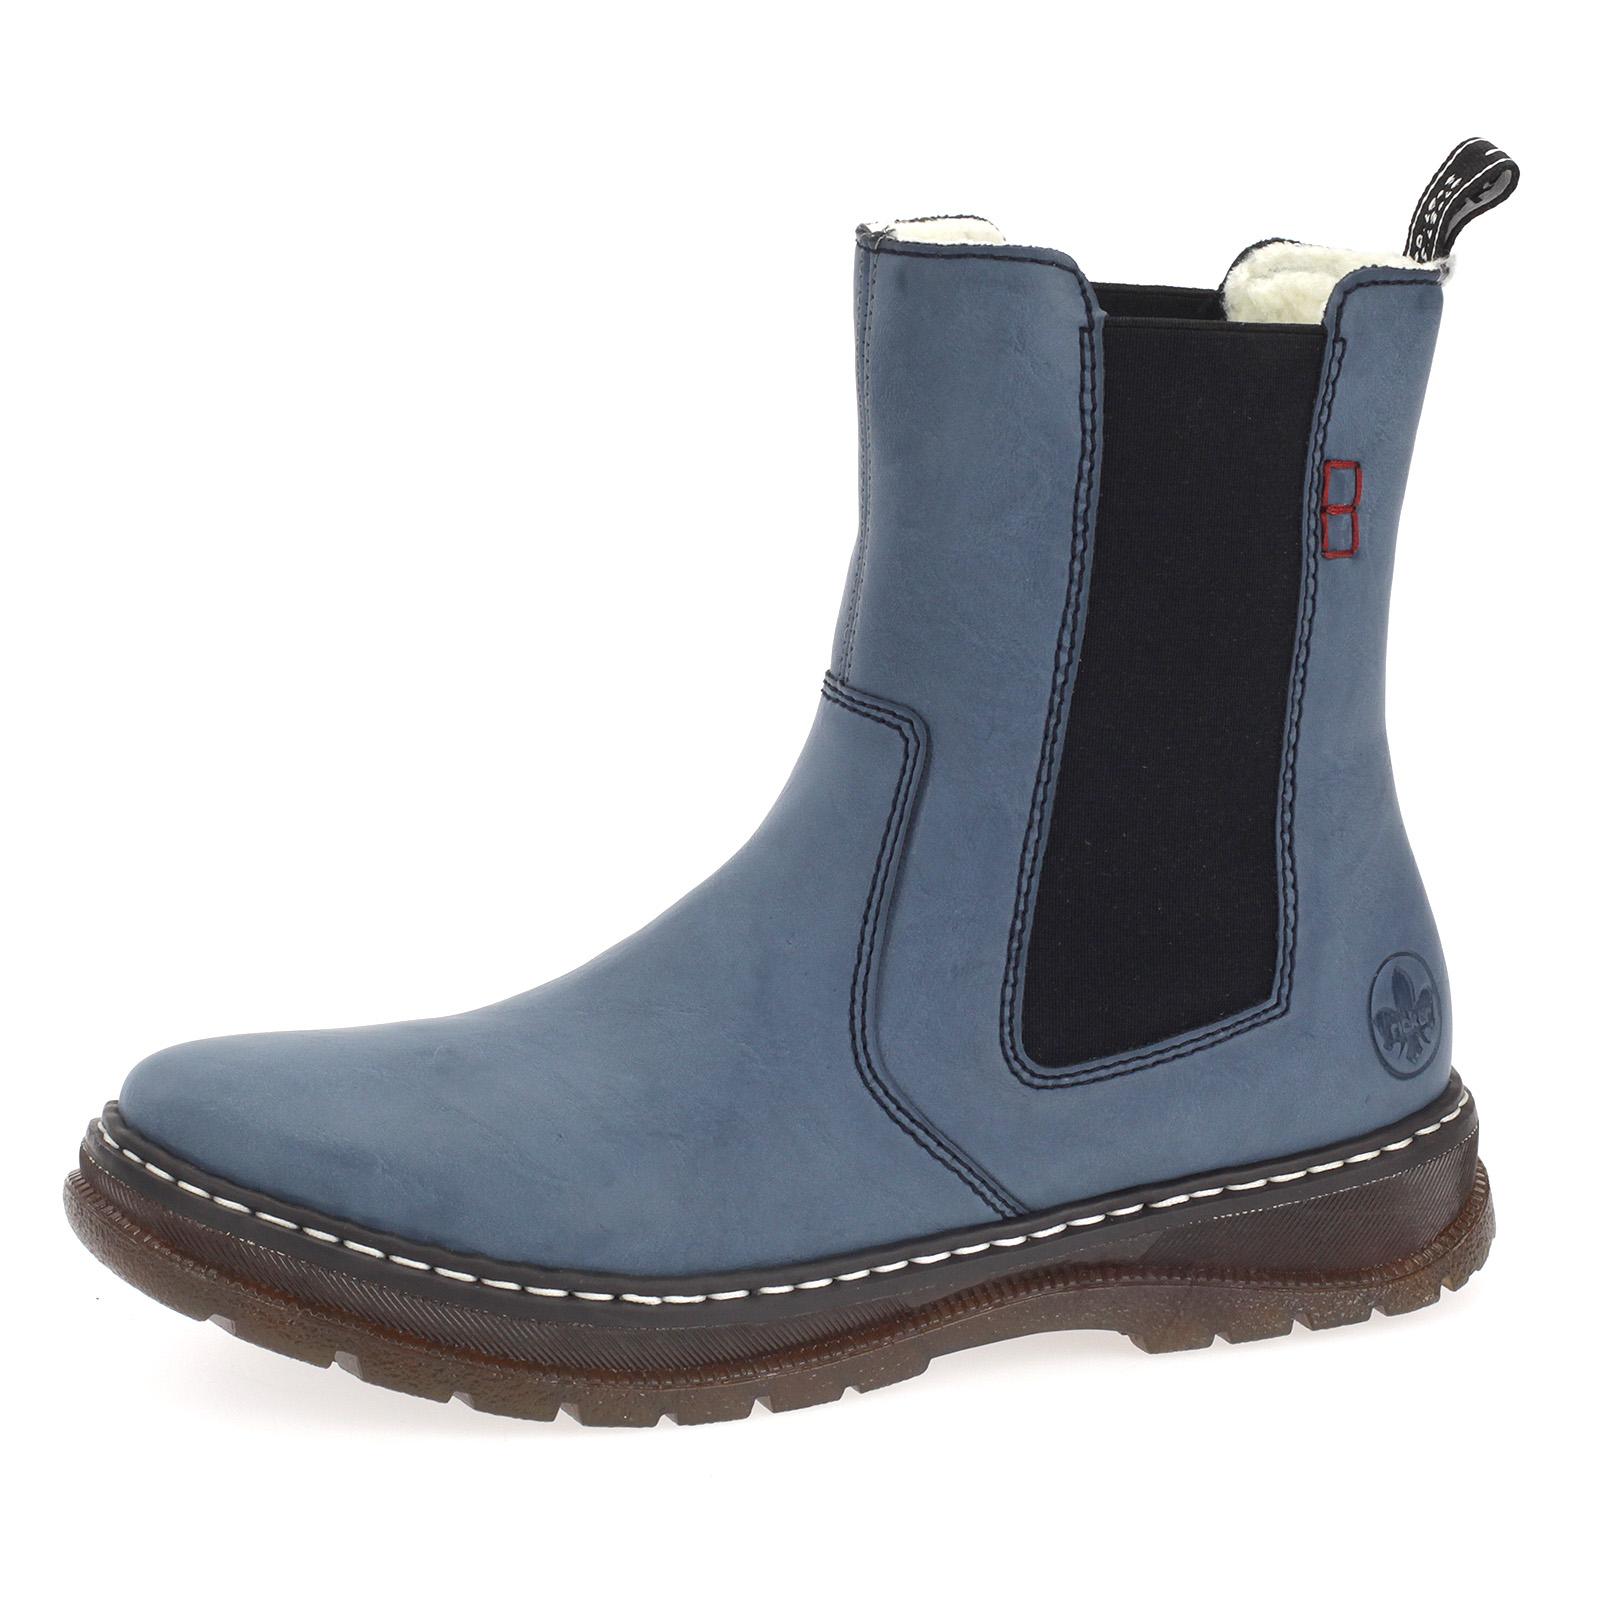 Damen Chelsea Boots Rieker Stiefeletten Winterboots Stiefel Gefüttert Blau